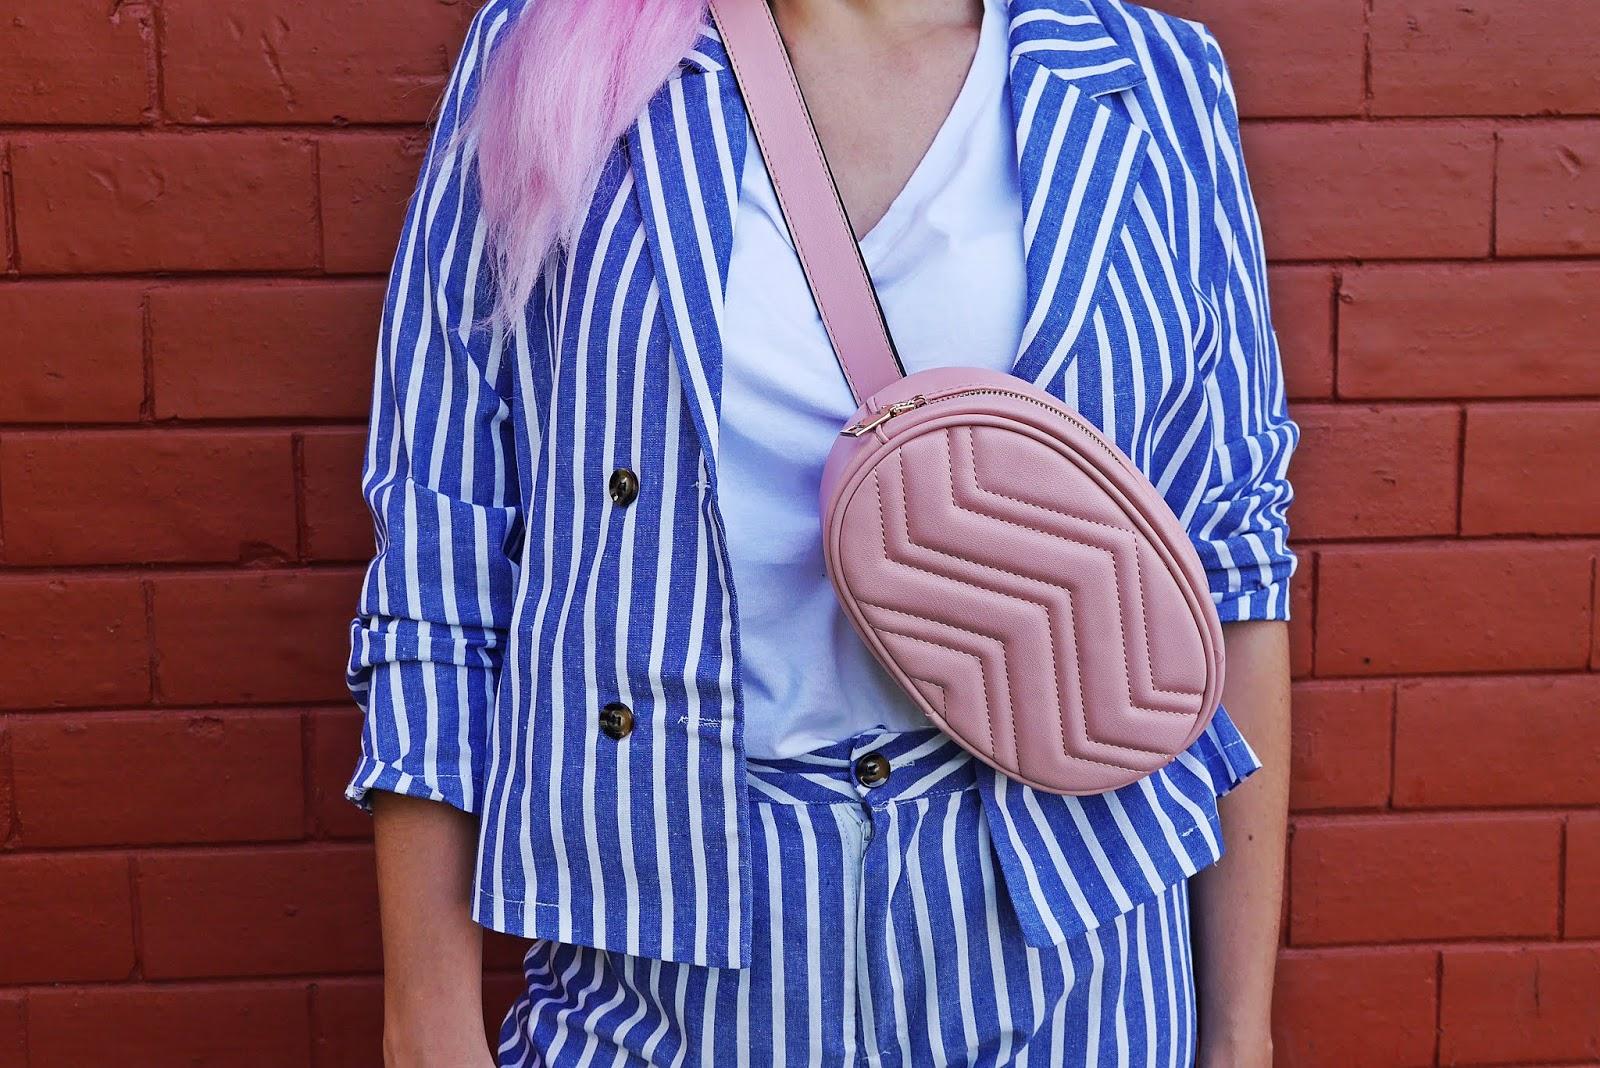 różowa torebka nerka renee marynarka w paski biały t-shirt karyn blog modowy